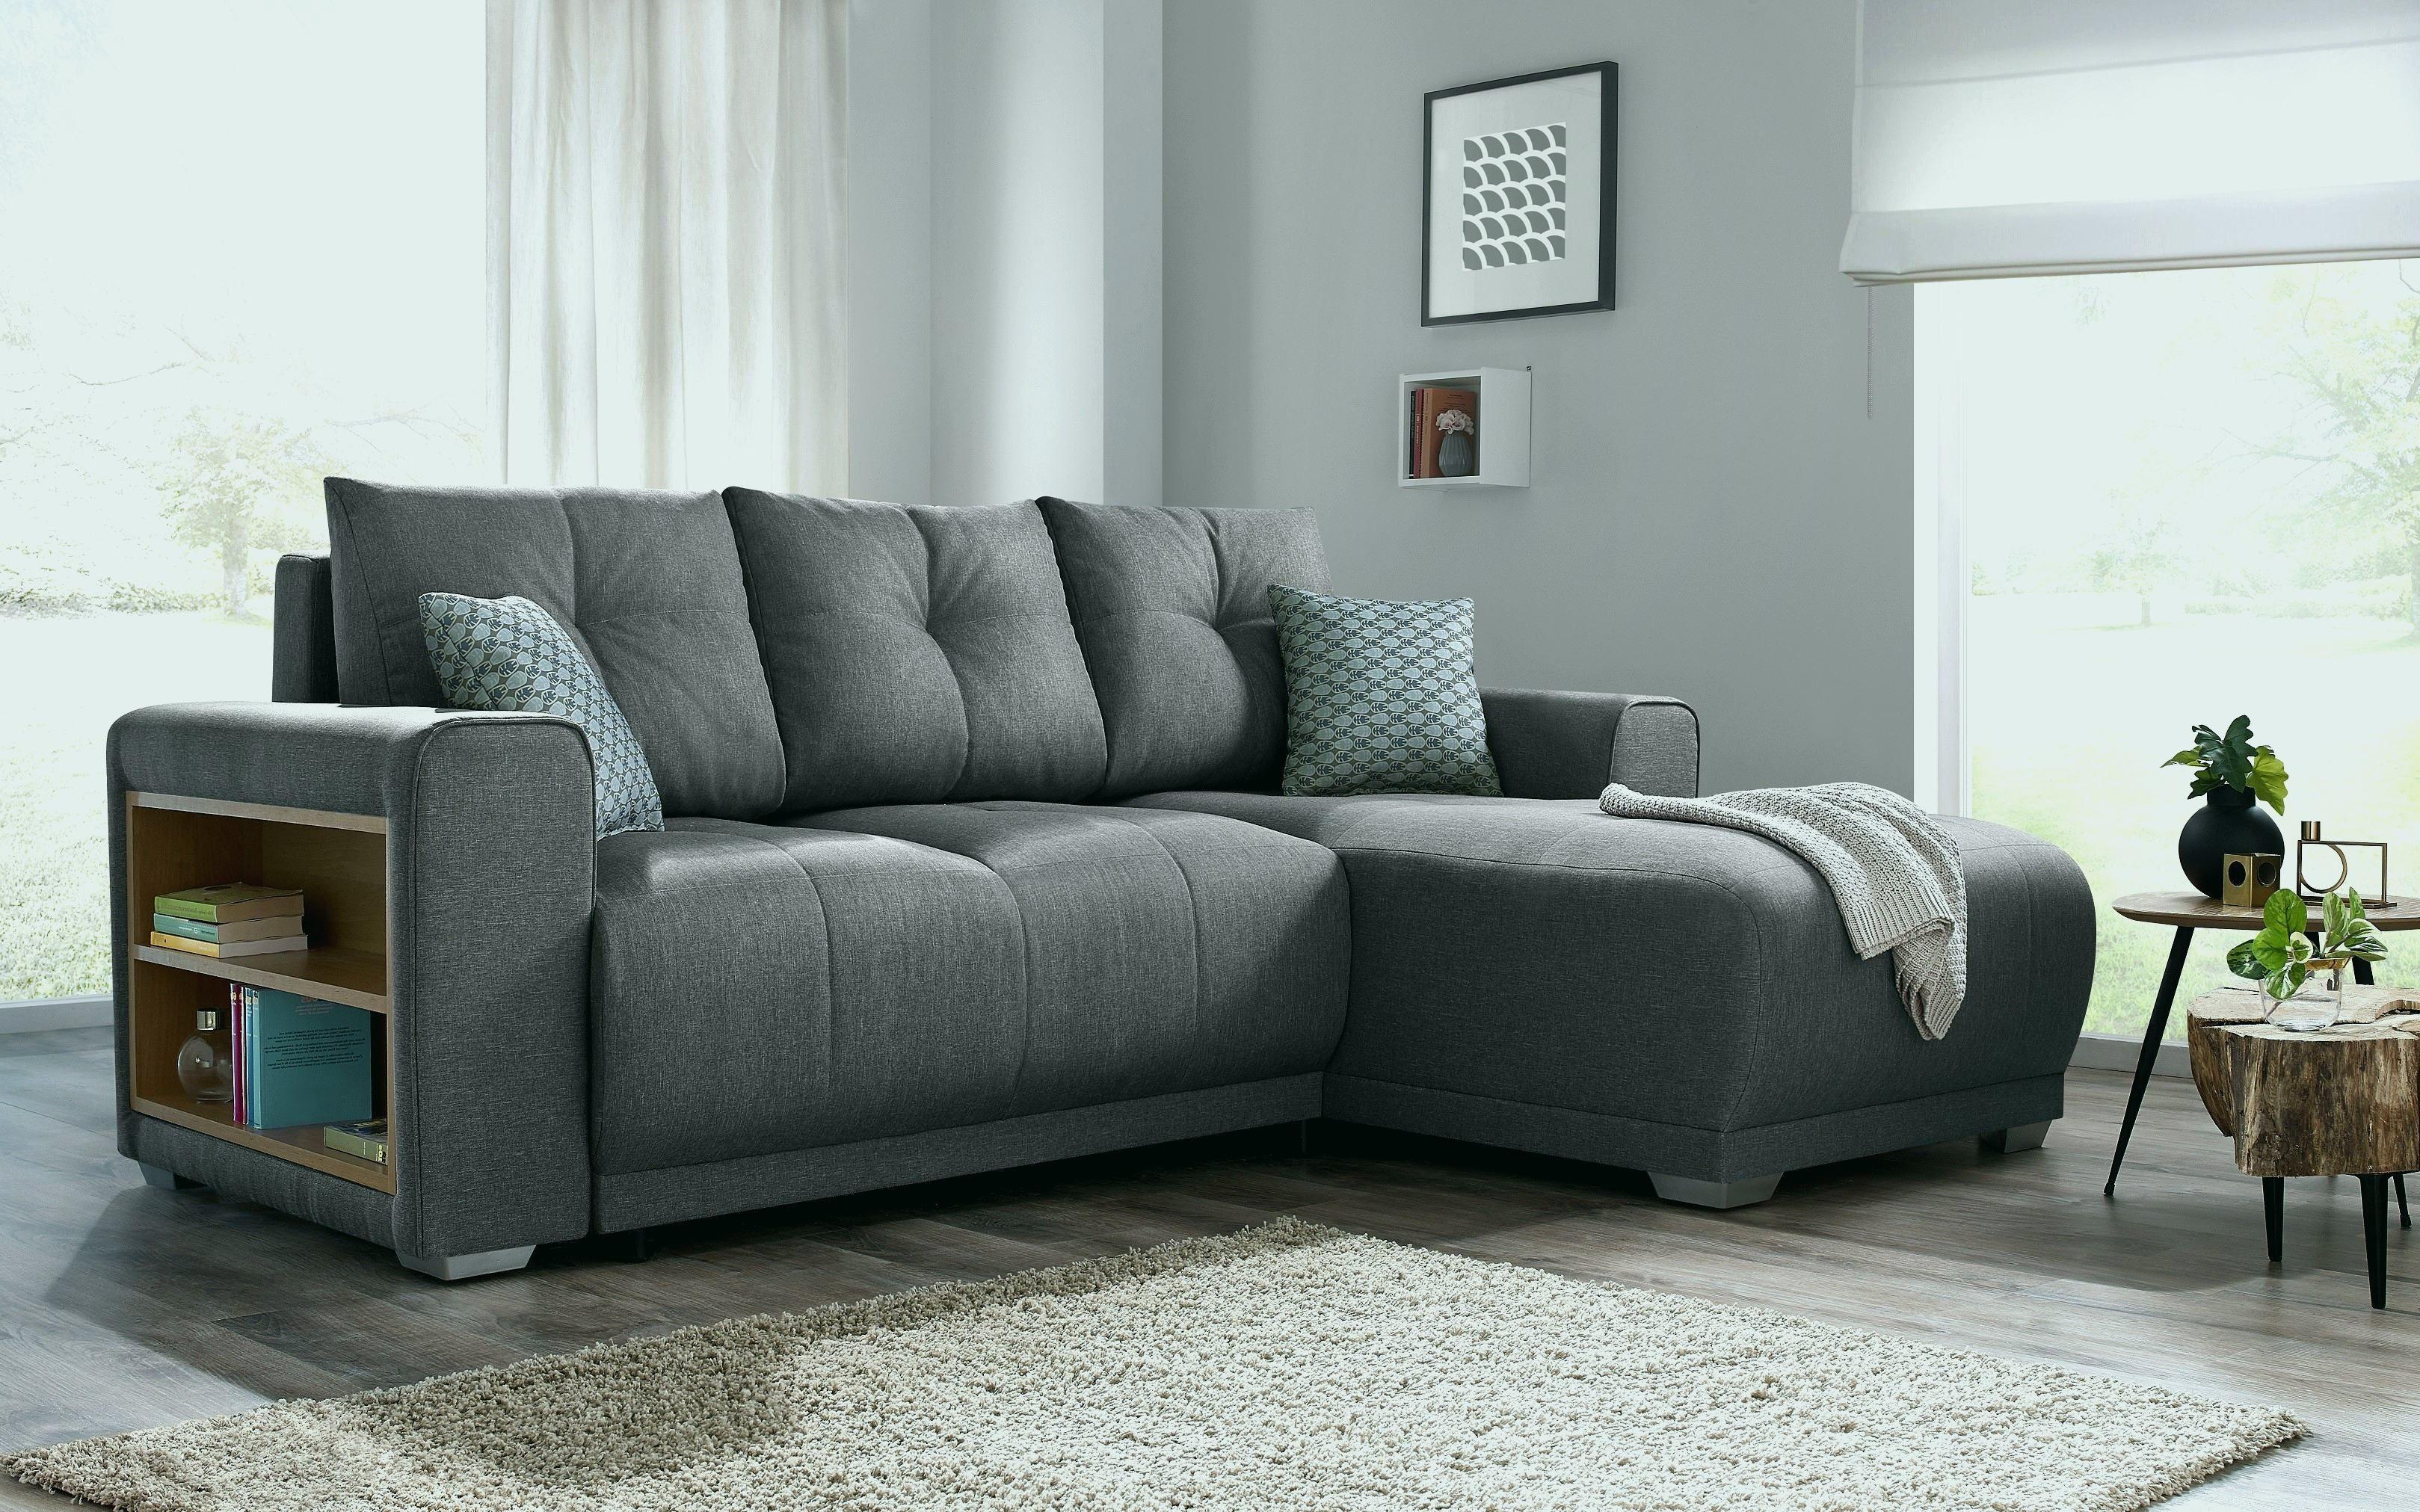 lit superpos le bon coin inspir meilleur lit cabane avec. Black Bedroom Furniture Sets. Home Design Ideas